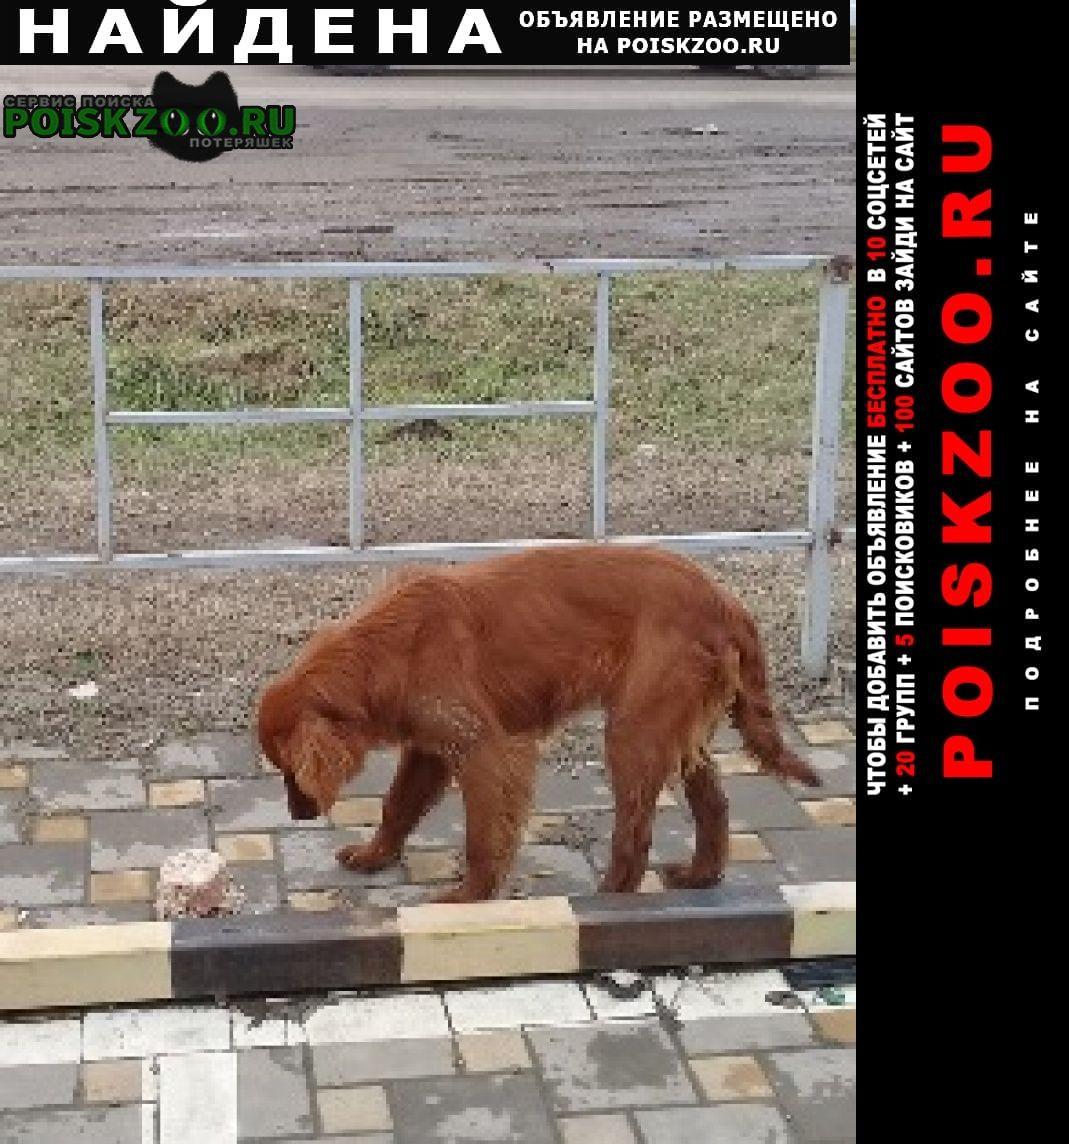 Найдена собака породы ирландский сеттер Усть-Лабинск